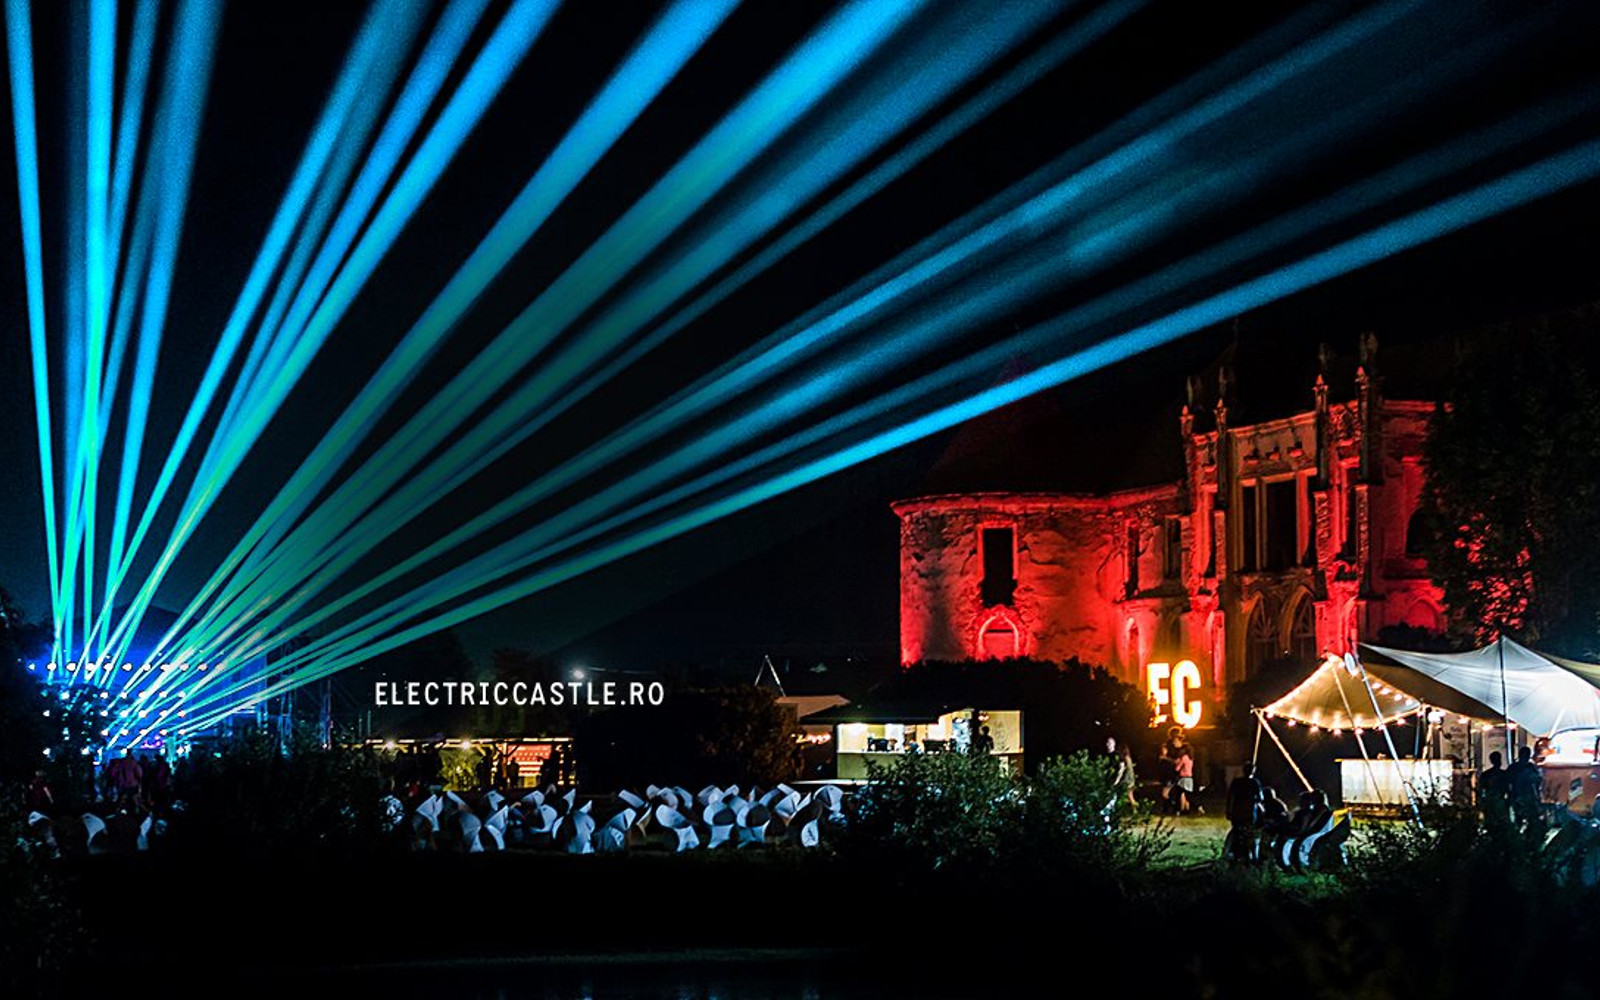 Um sonho de festival: conheça mais sobre o Electric Castle, evento que acontece em um castelo da Romênia